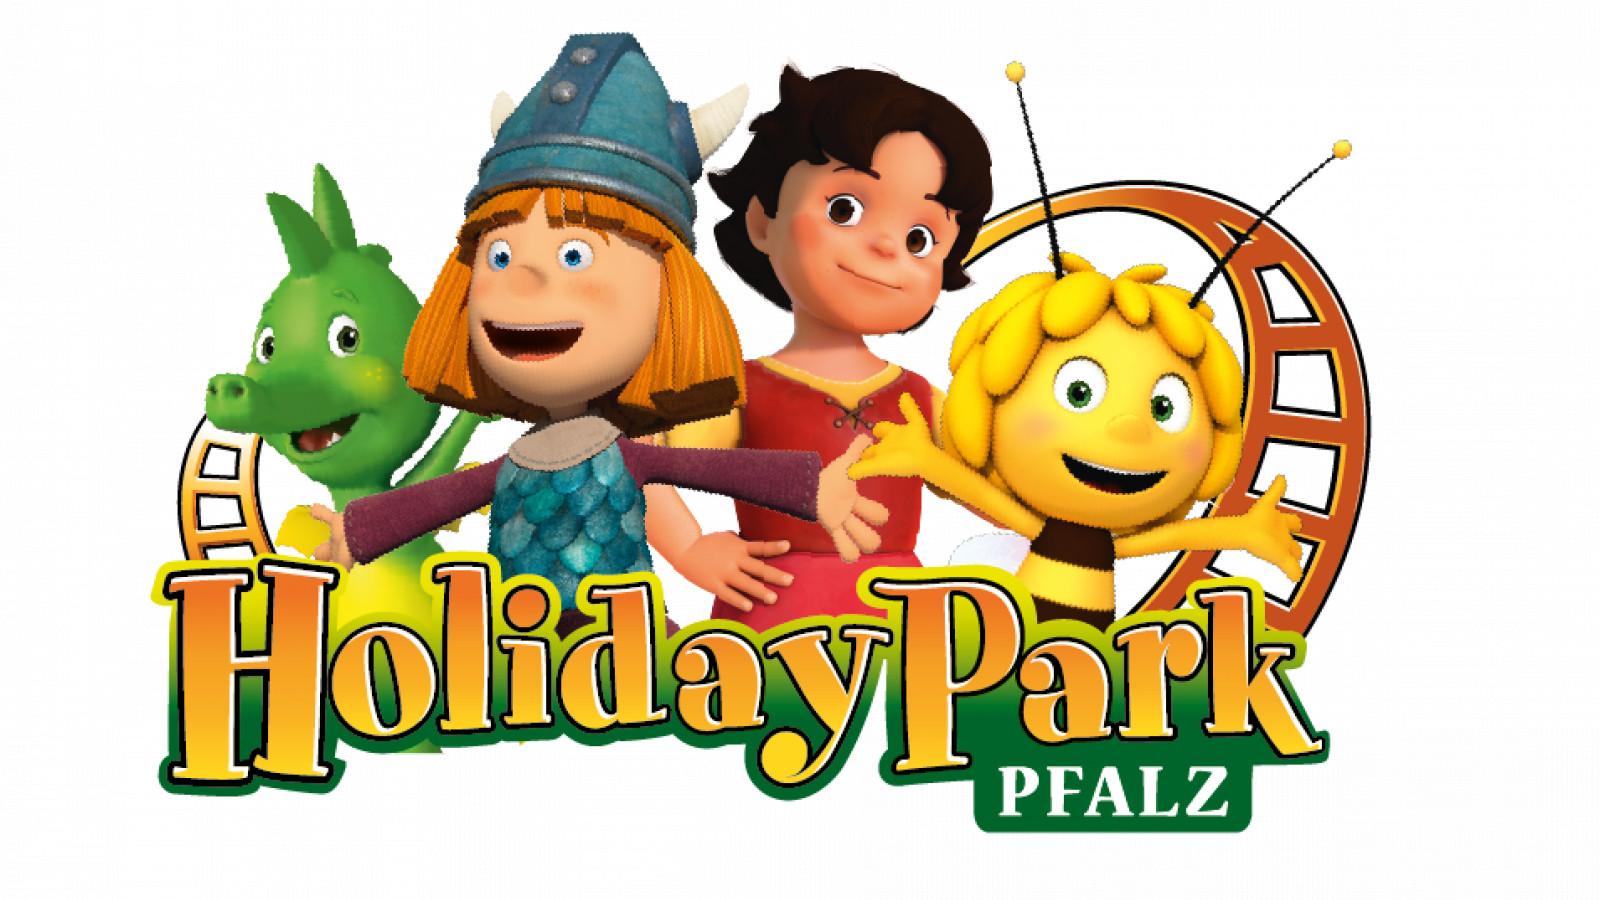 Holiday Park baut deutschlandweit einmaligen Indoor-Themenpark